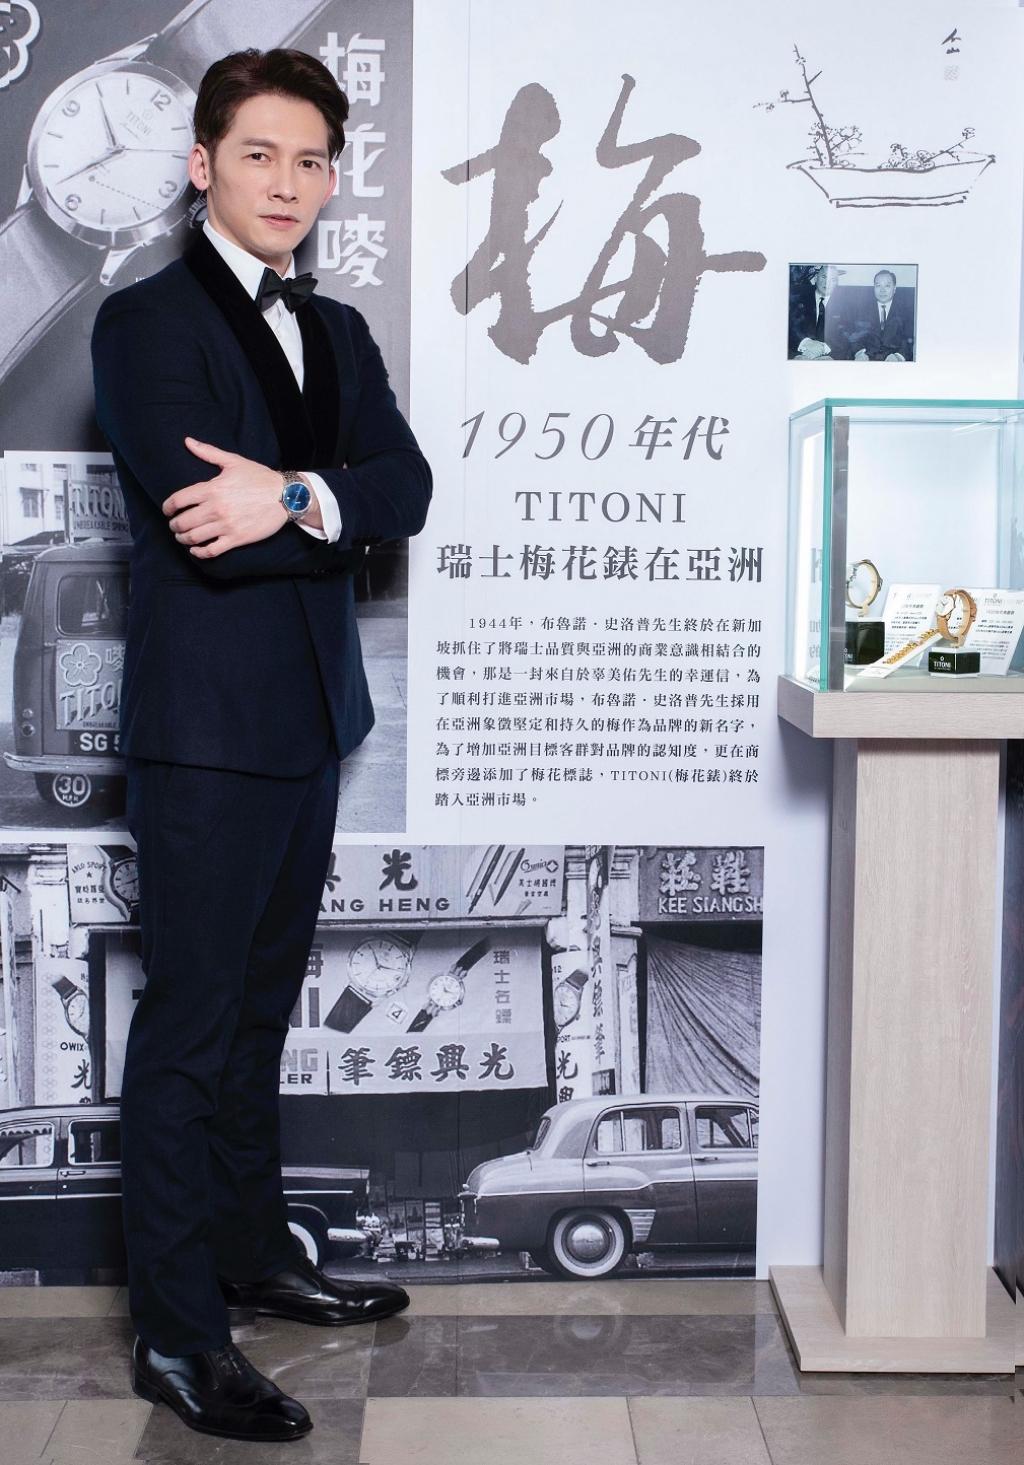 溫昇豪以一身摩登紳士裝扮出席titoni瑞士梅花錶百年慶典